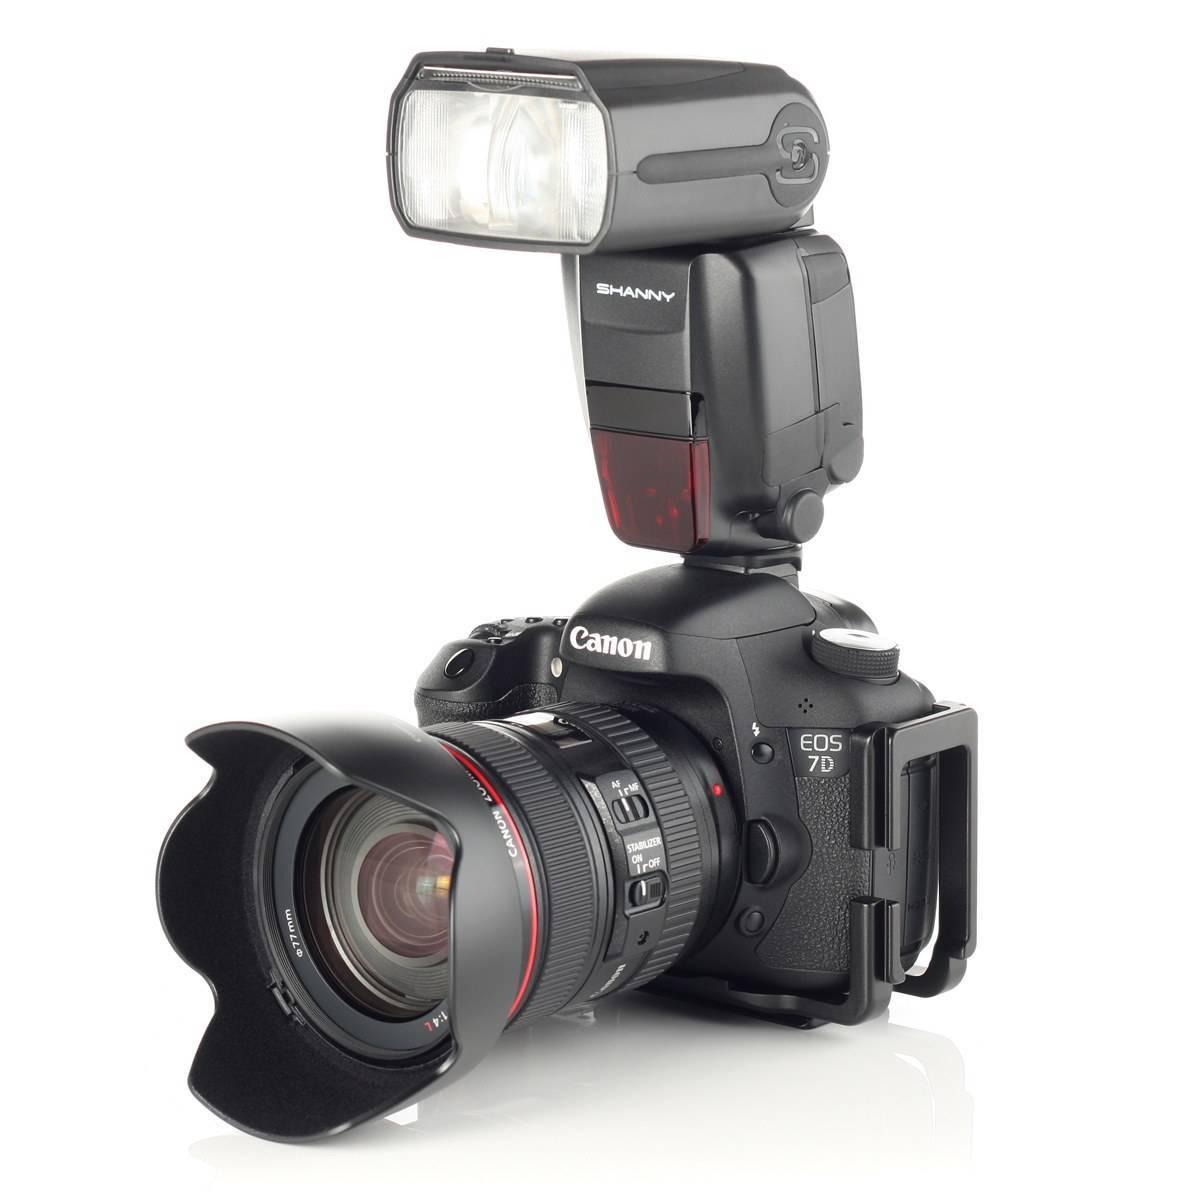 Shanny SN600SC Speedlight for Canon